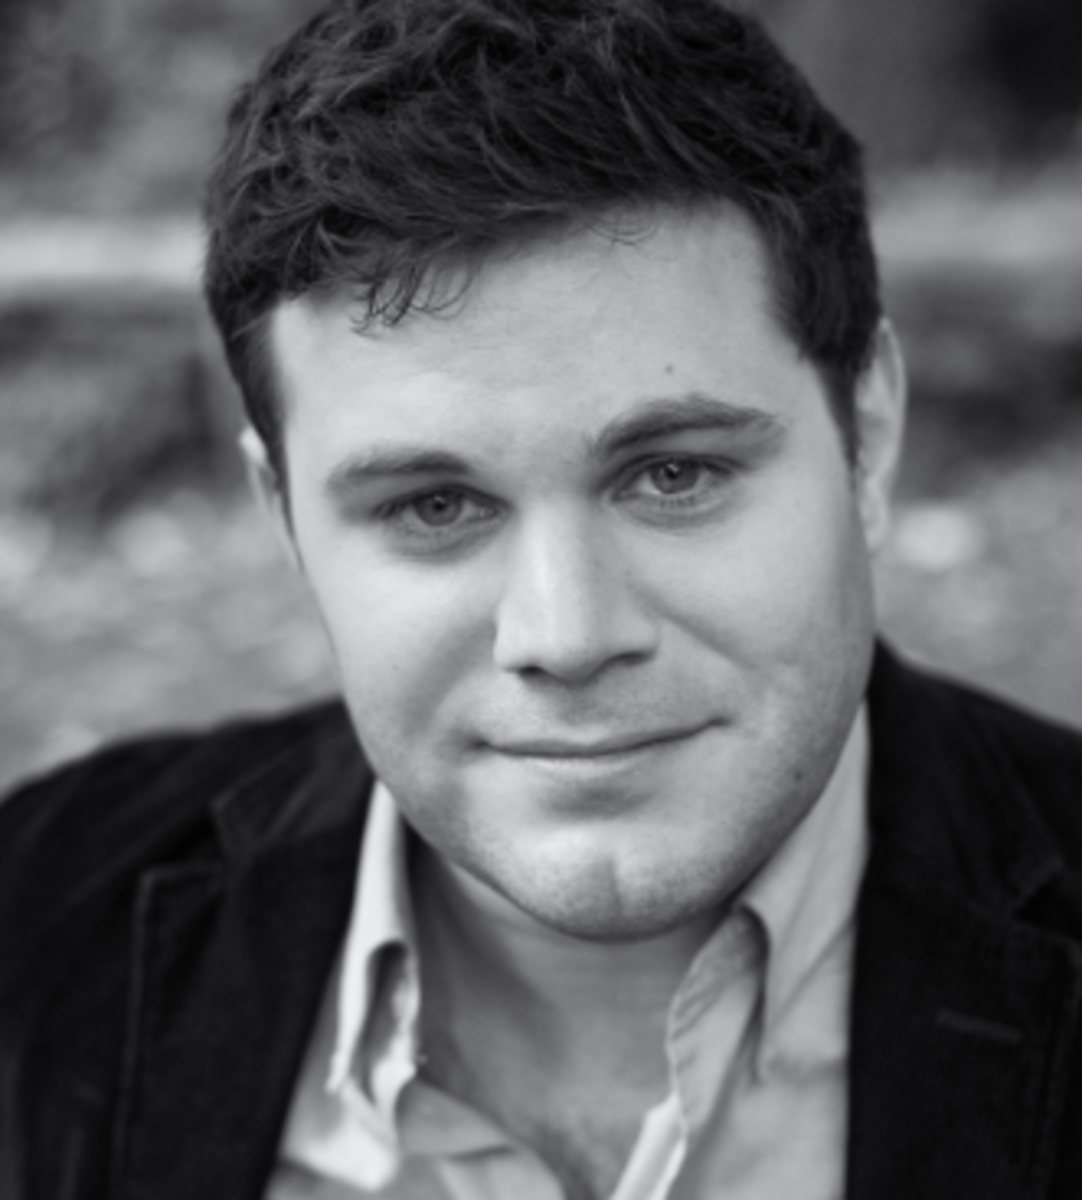 jack-gray-author-writer